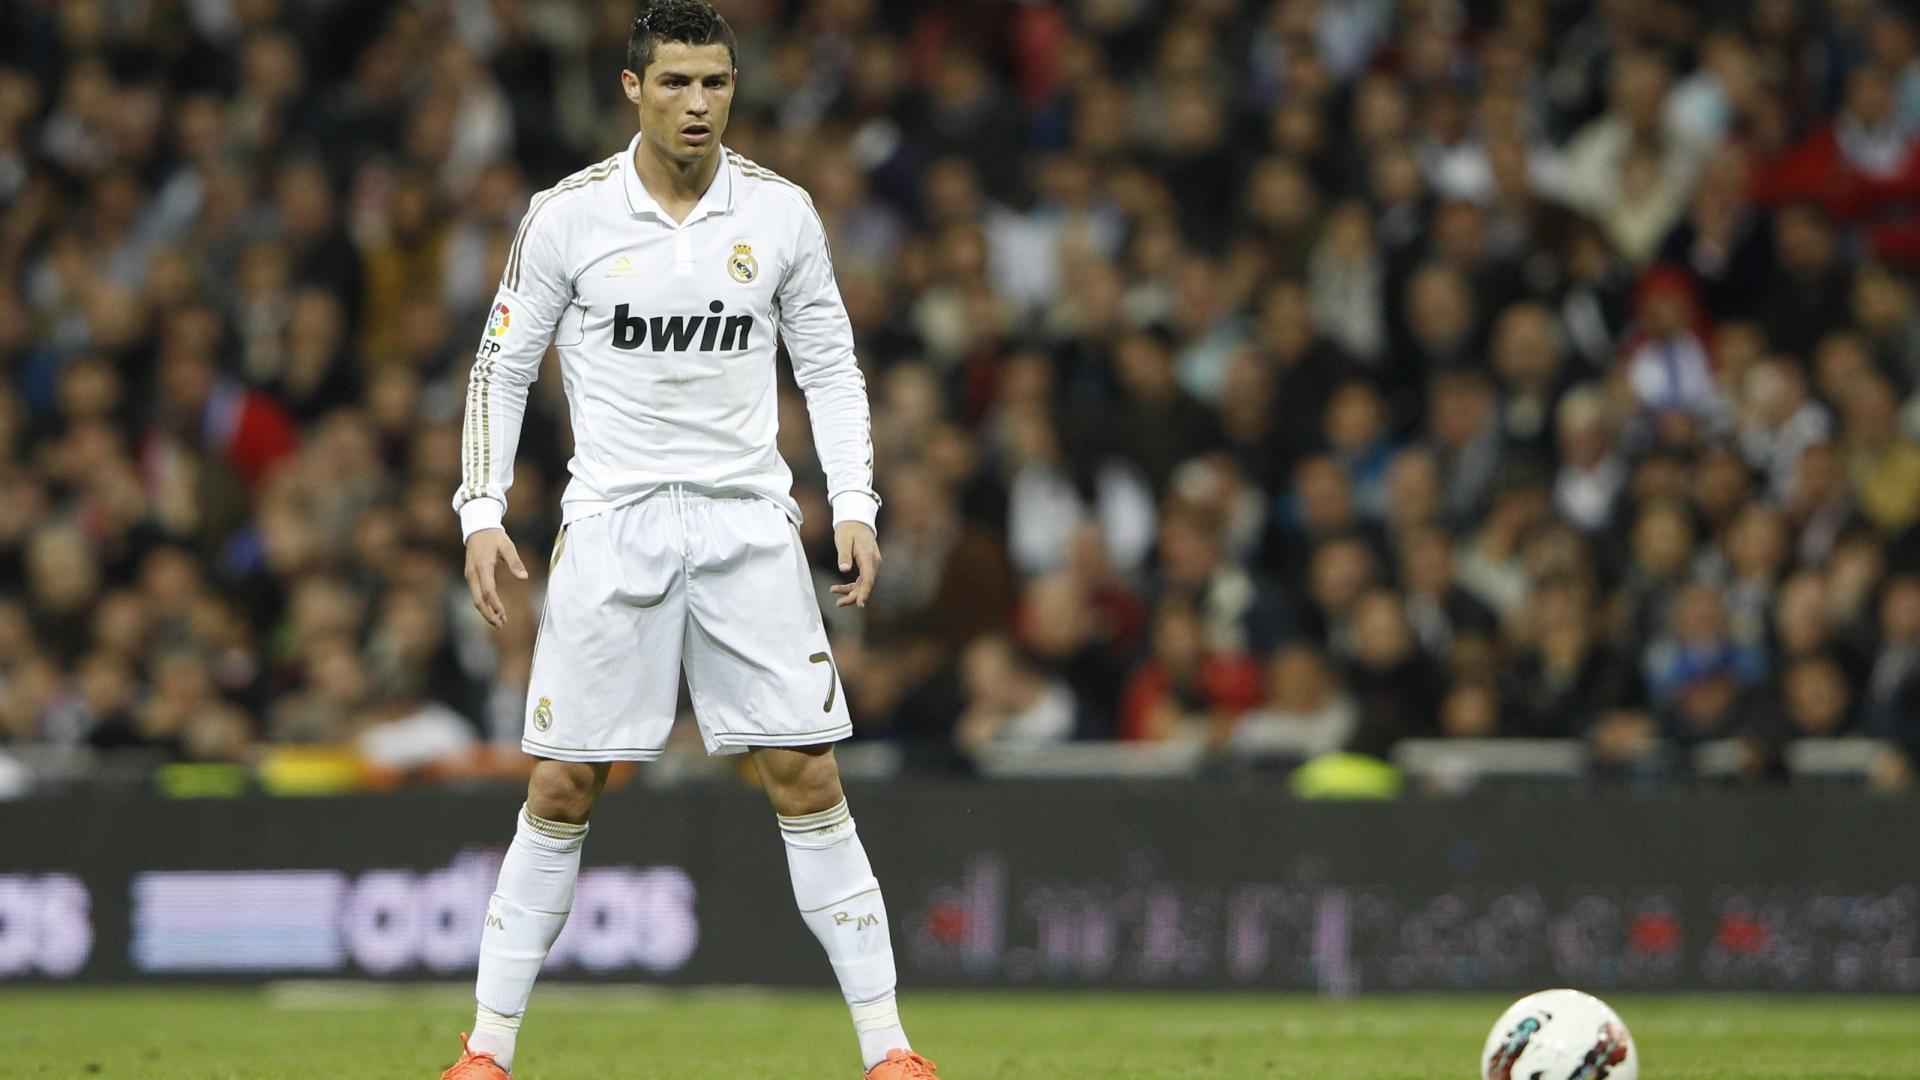 Cristiano Ronaldo Hd Wallpaper | Wallpaper Download